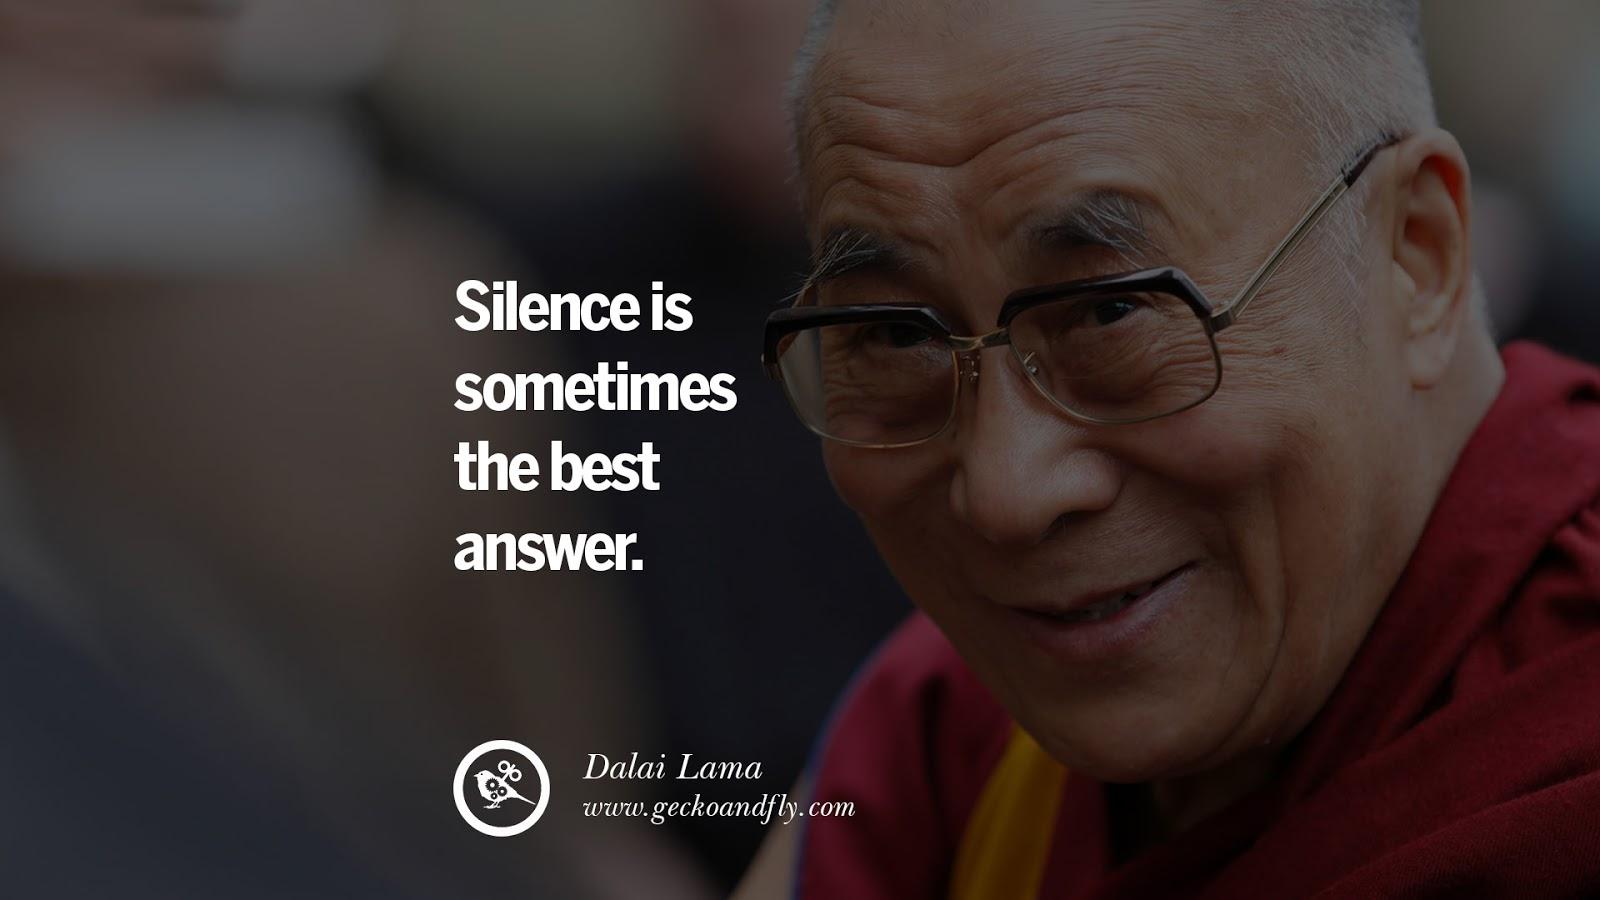 Tibetan Dalai Lama